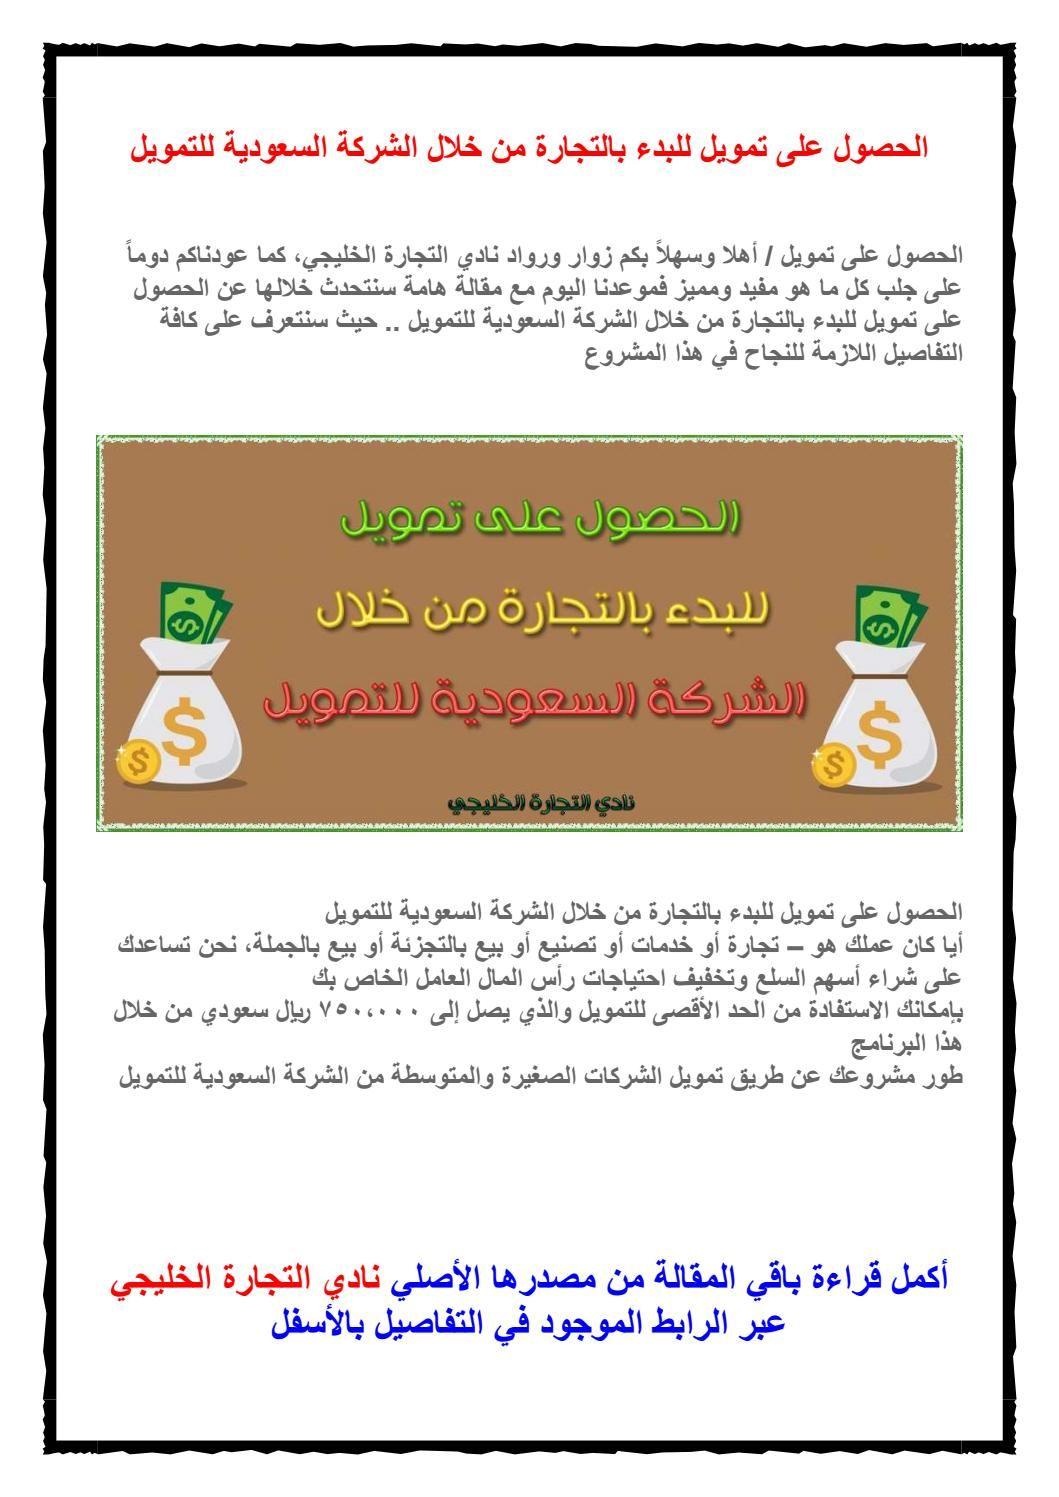 الحصول على تمويل للبدء بالتجارة من خلال الشركة السعودية للتمويل Microsoft Word Document Words Microsoft Word